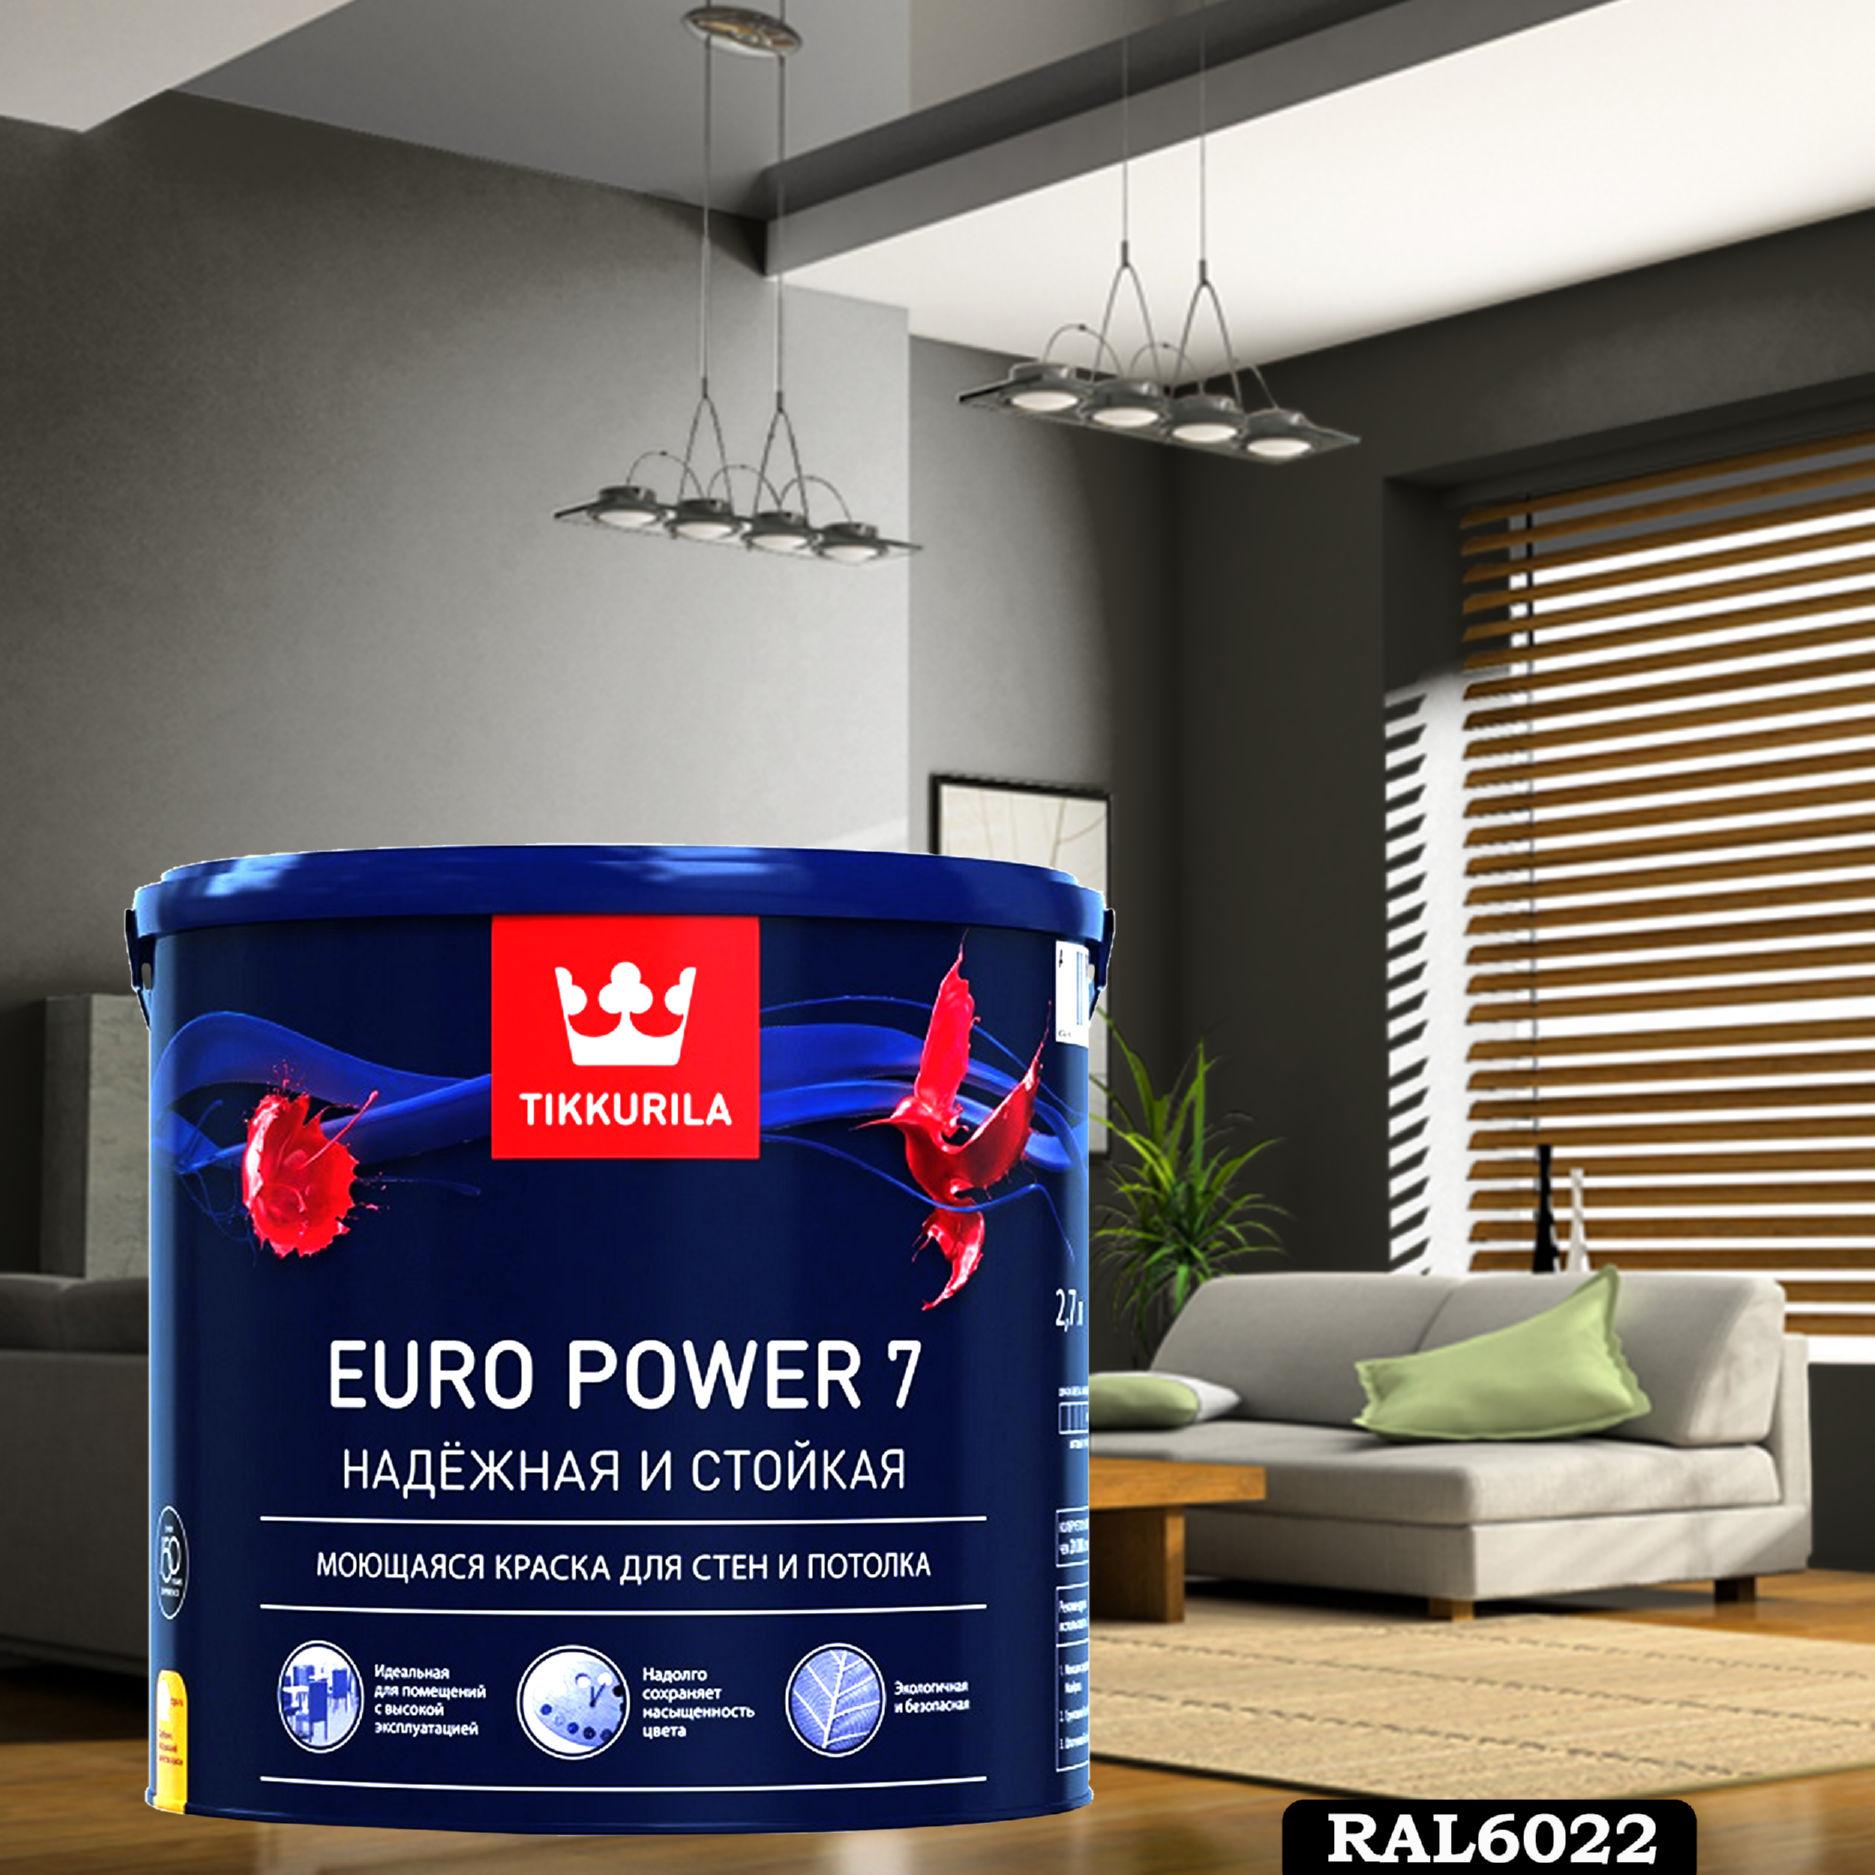 Фото 23 - Краска TIKKURILA Euro Power 7,  RAL 6022 Коричнево-оливковый, латексная моющаяся матовая интерьерная, 9 л.